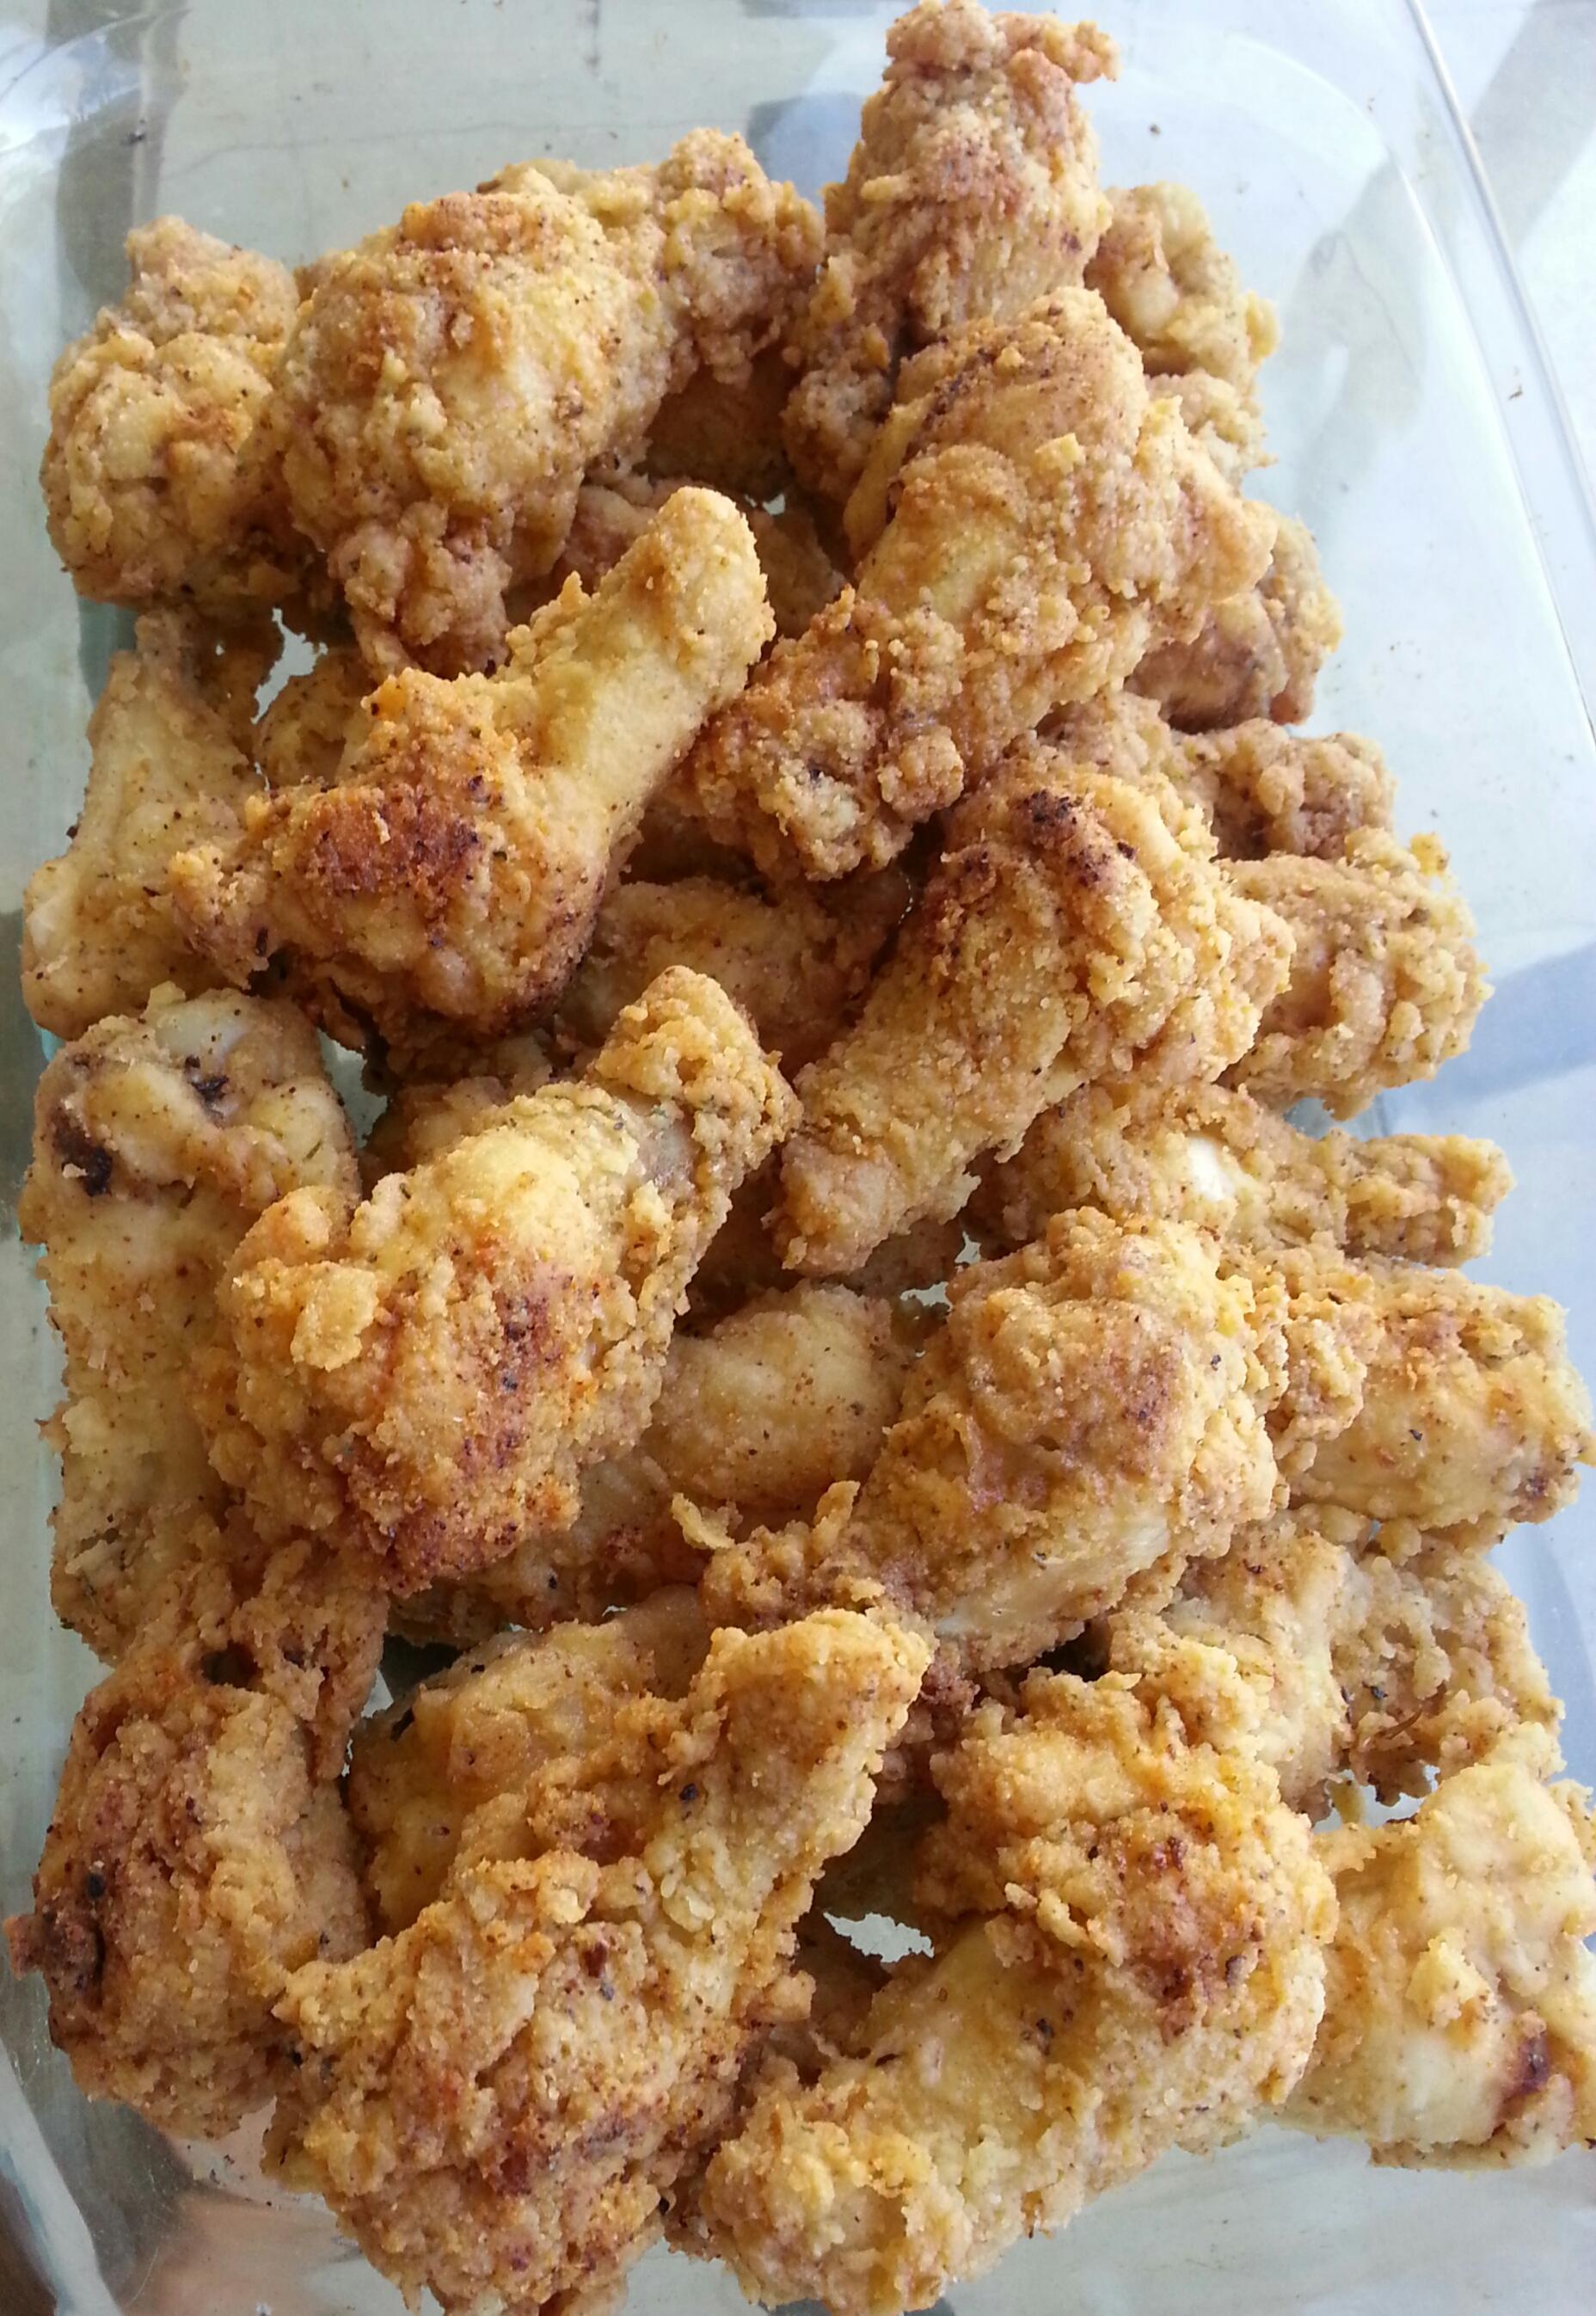 Chicken drummettes